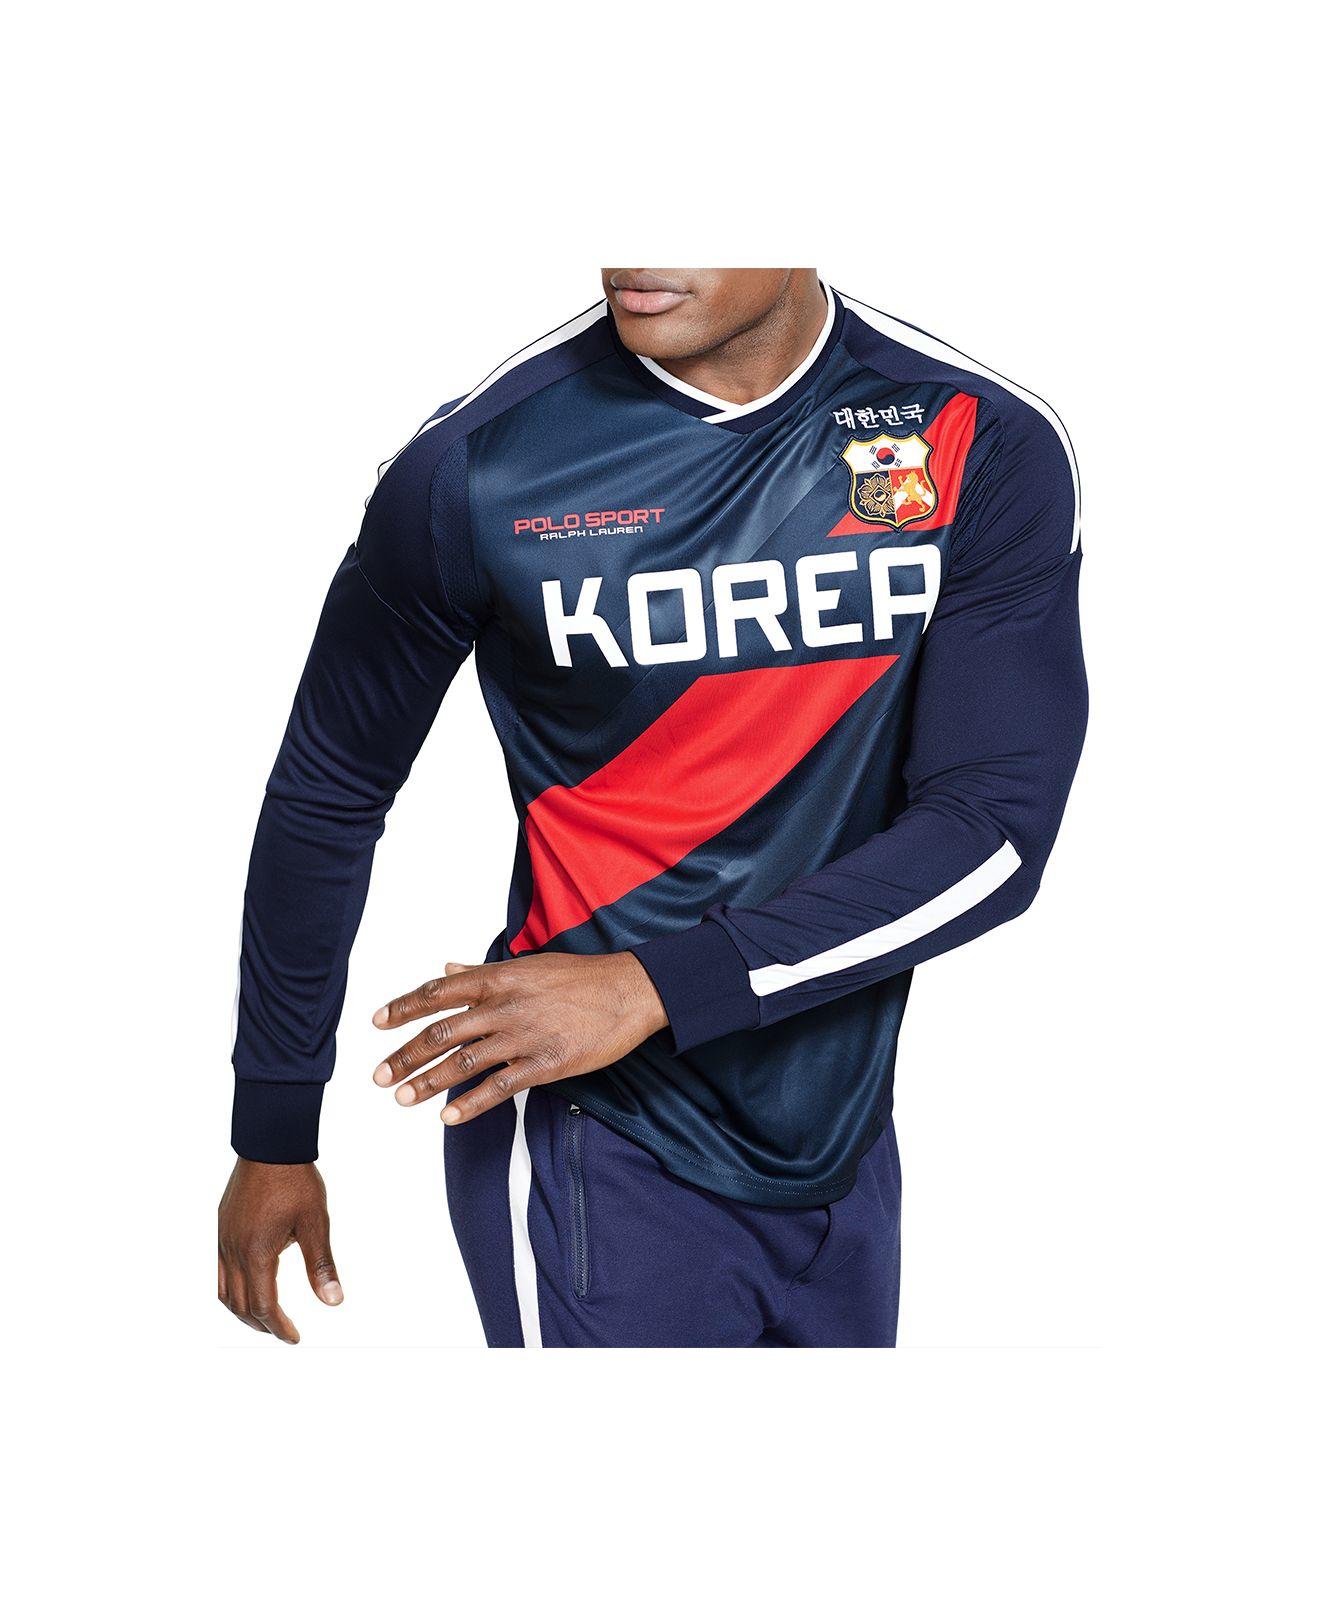 Lauren Ltd Polo Ralph Korea 8XwOn0Pk